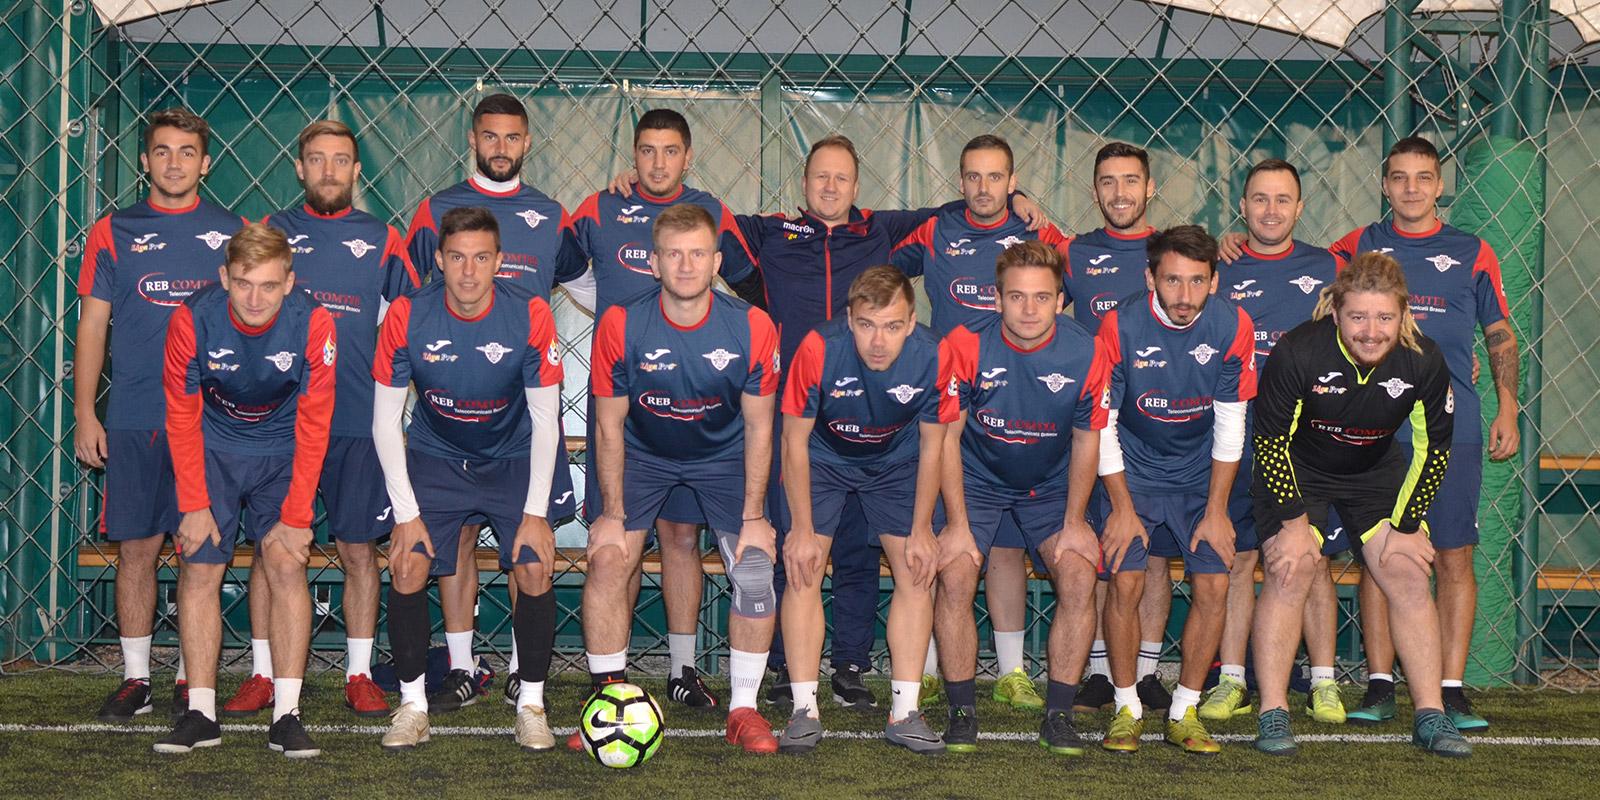 fc reggio minifotbal brasov